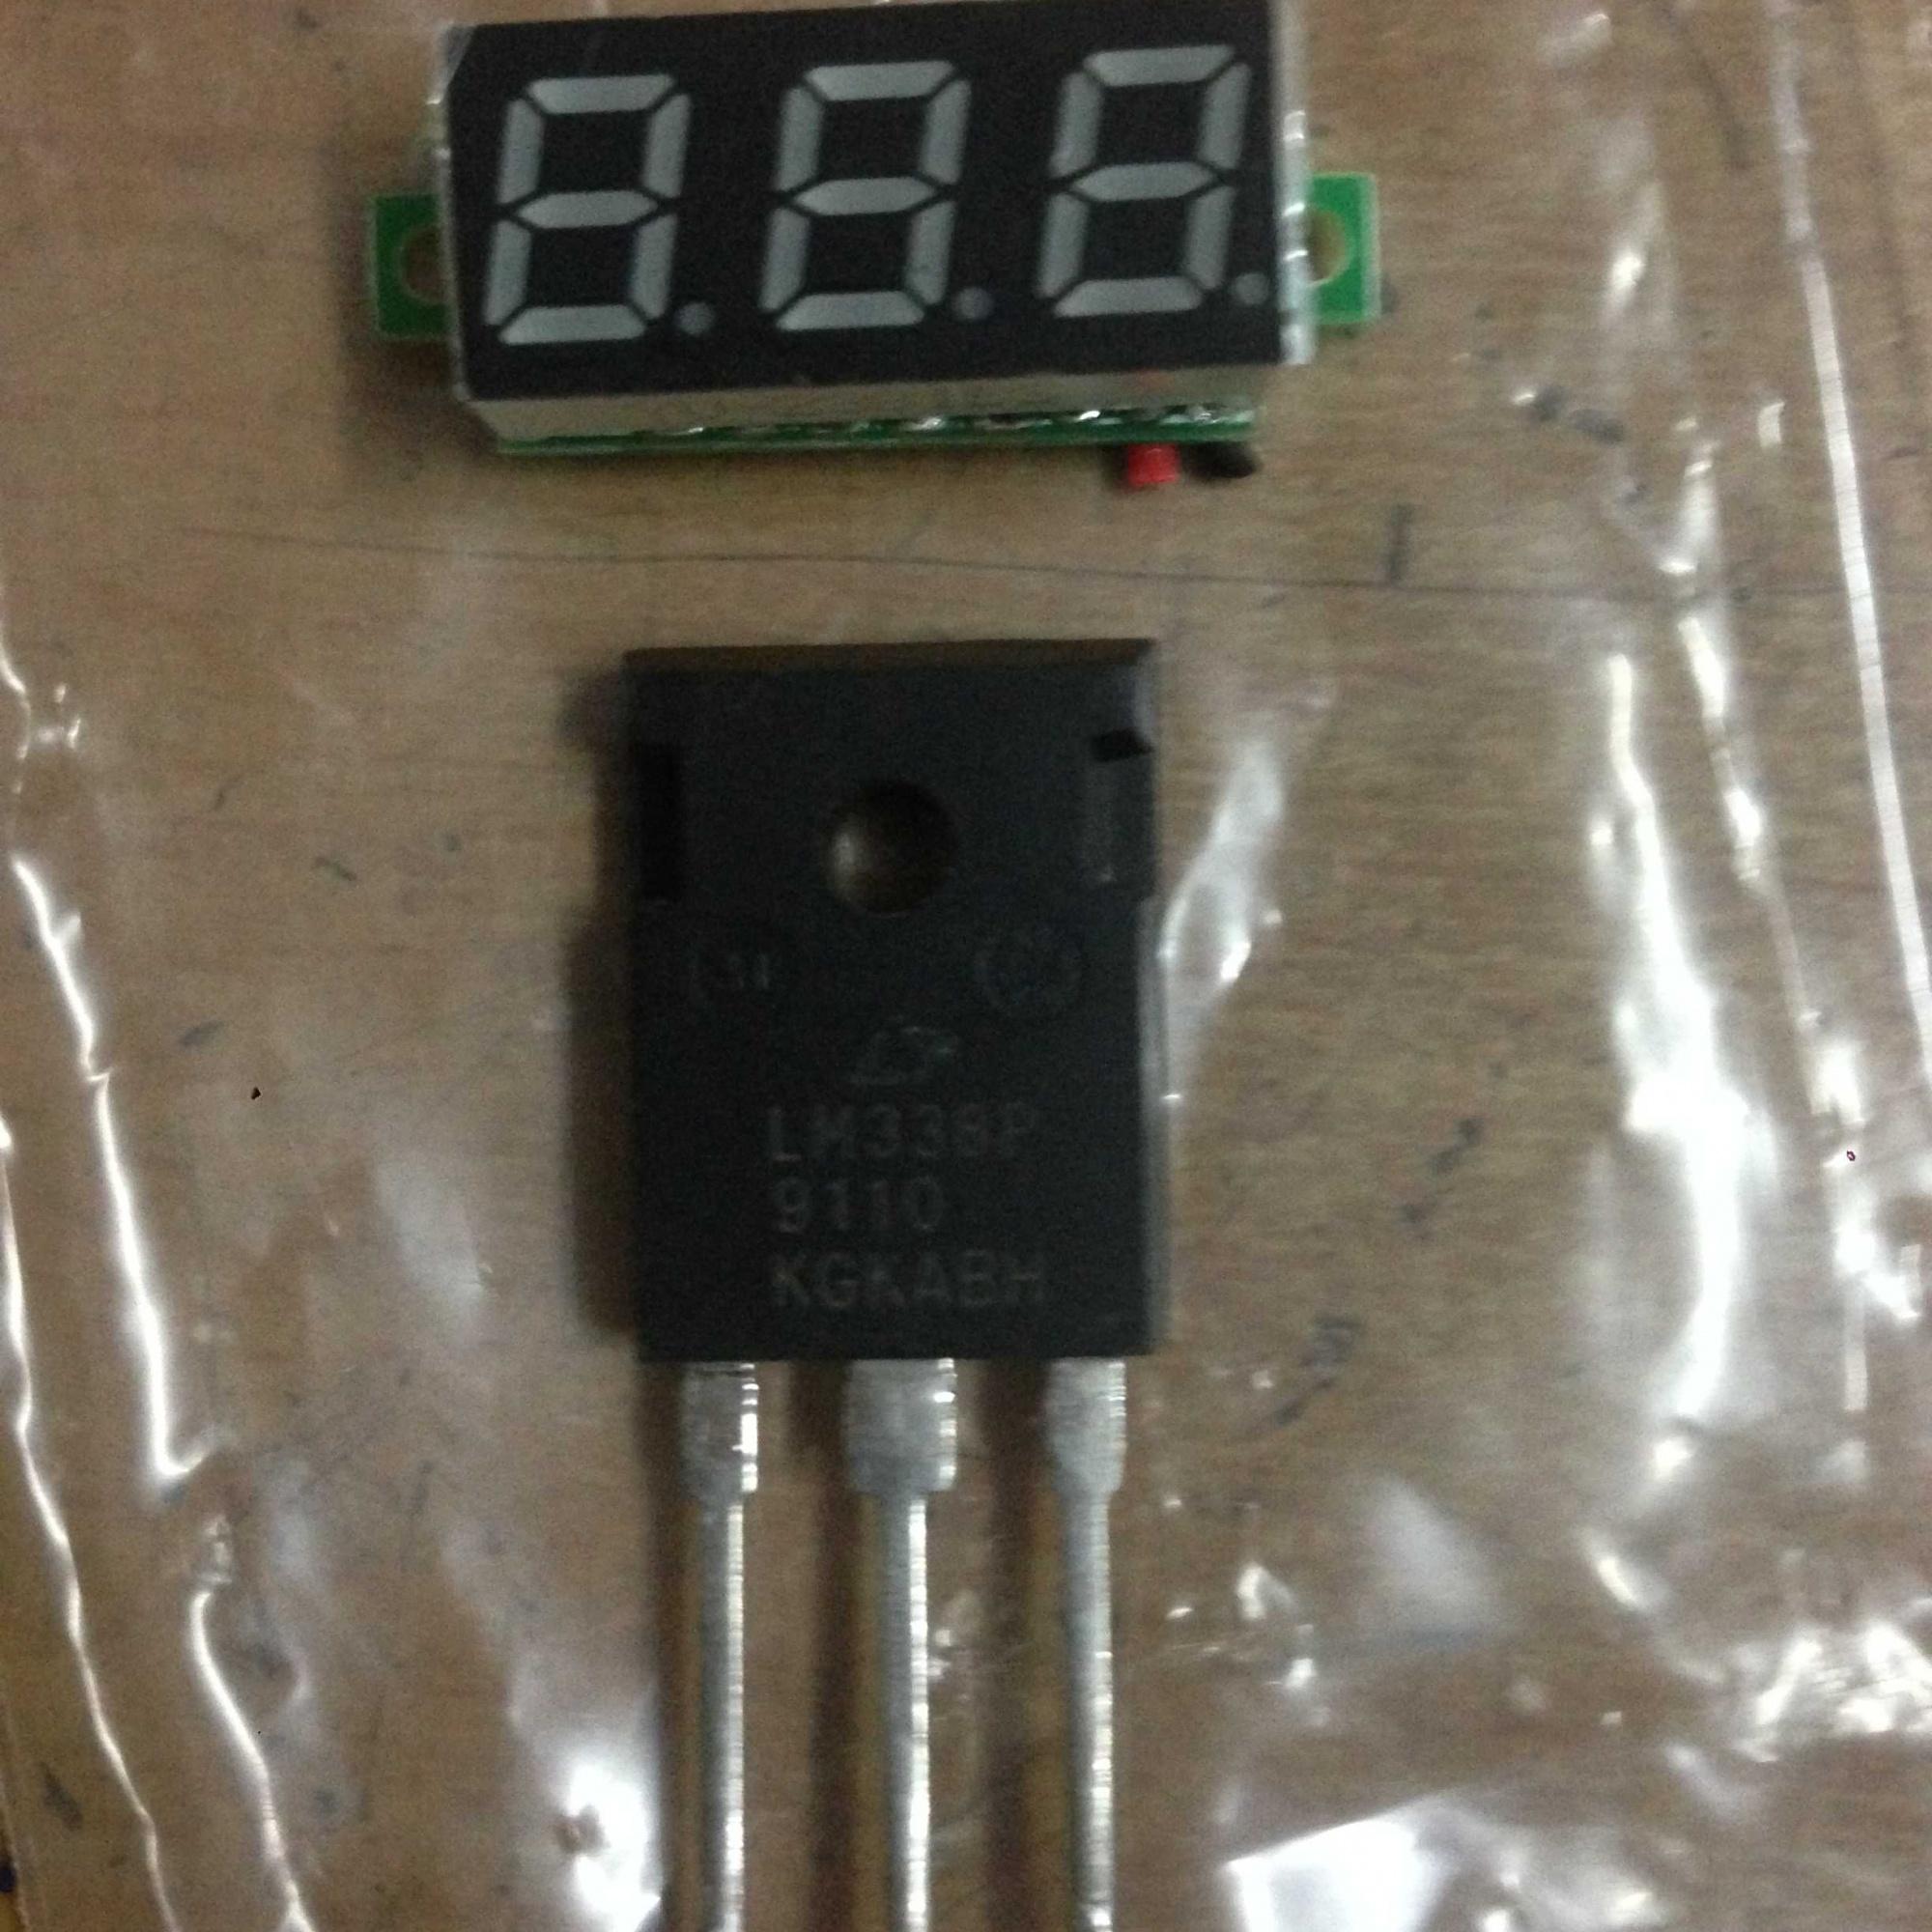 塑封lm338p 制作最大5a 1.25~15v可调电源